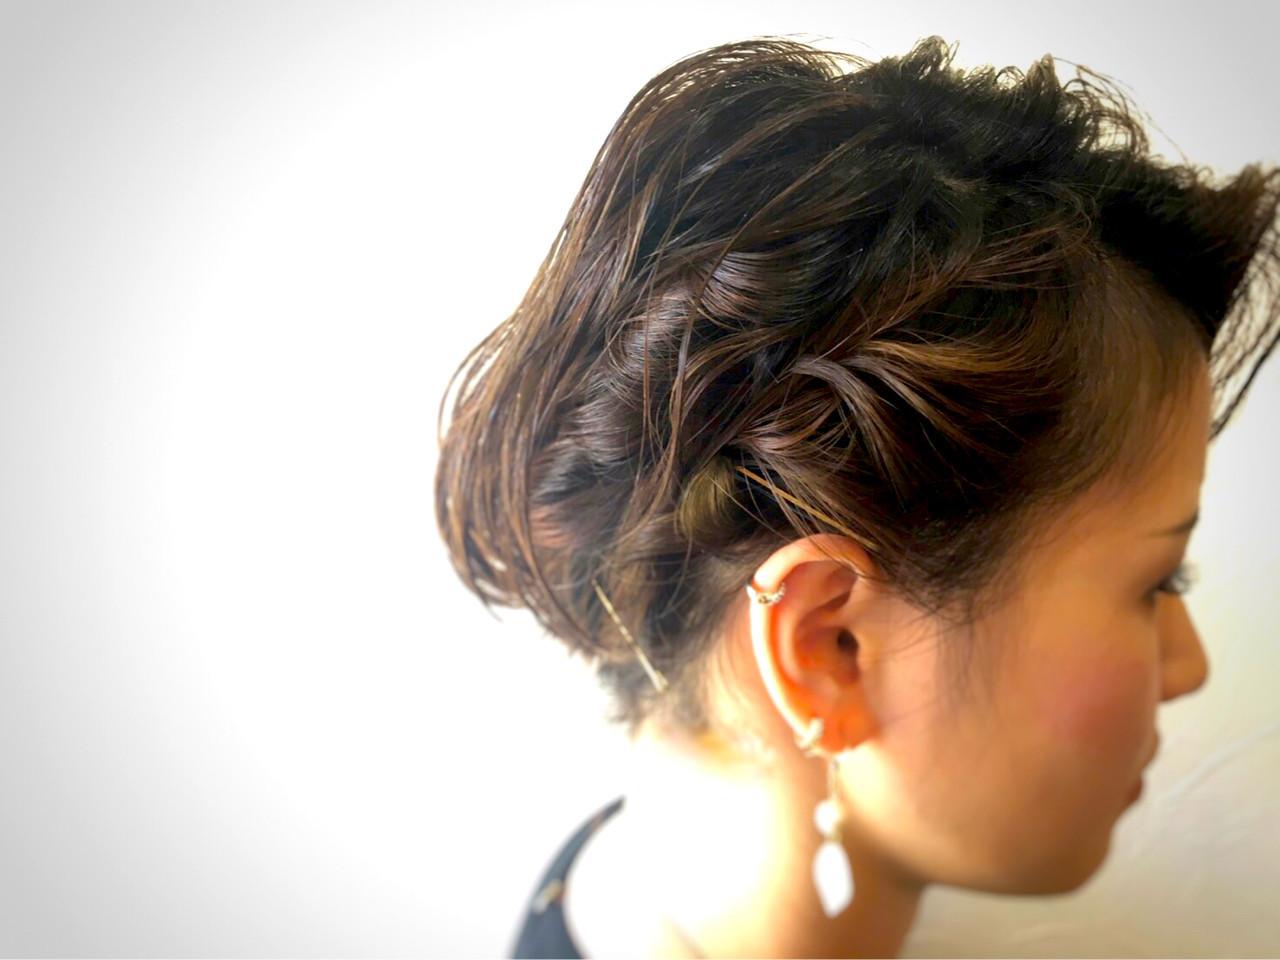 ヘアアレンジ ガーリー 編み込み フィッシュボーン ヘアスタイルや髪型の写真・画像